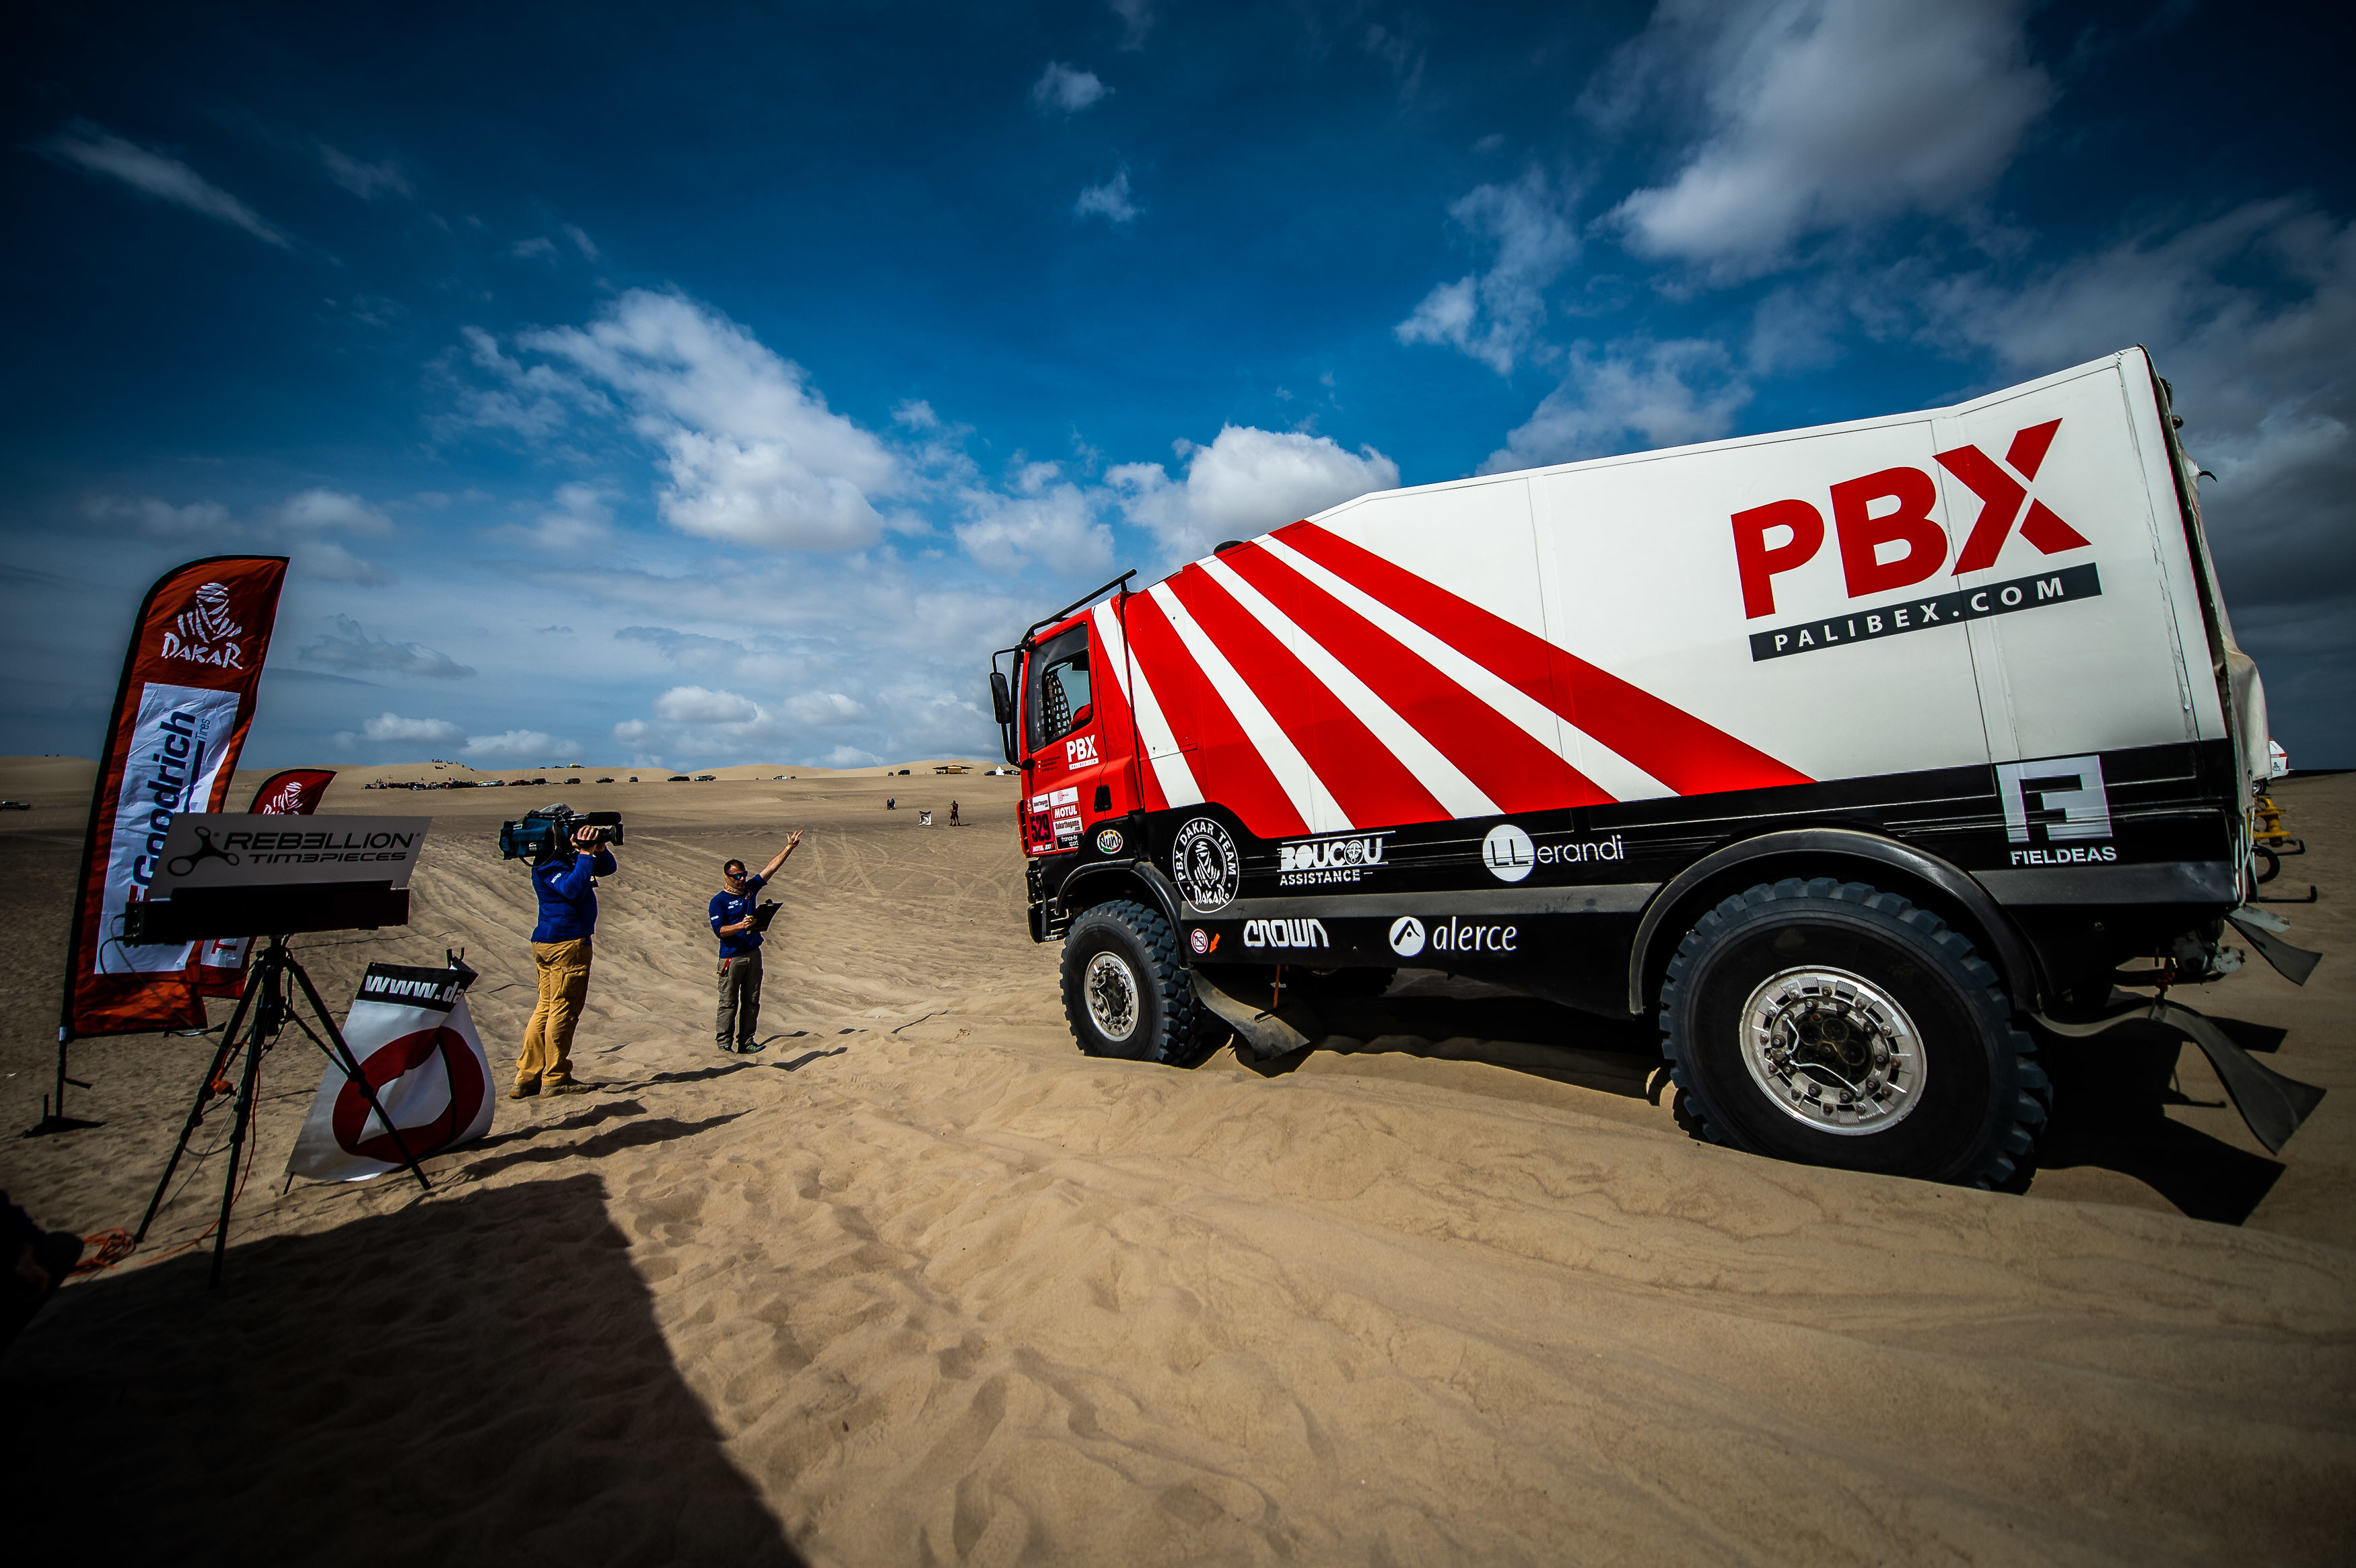 Alerce en el Dakar 2019